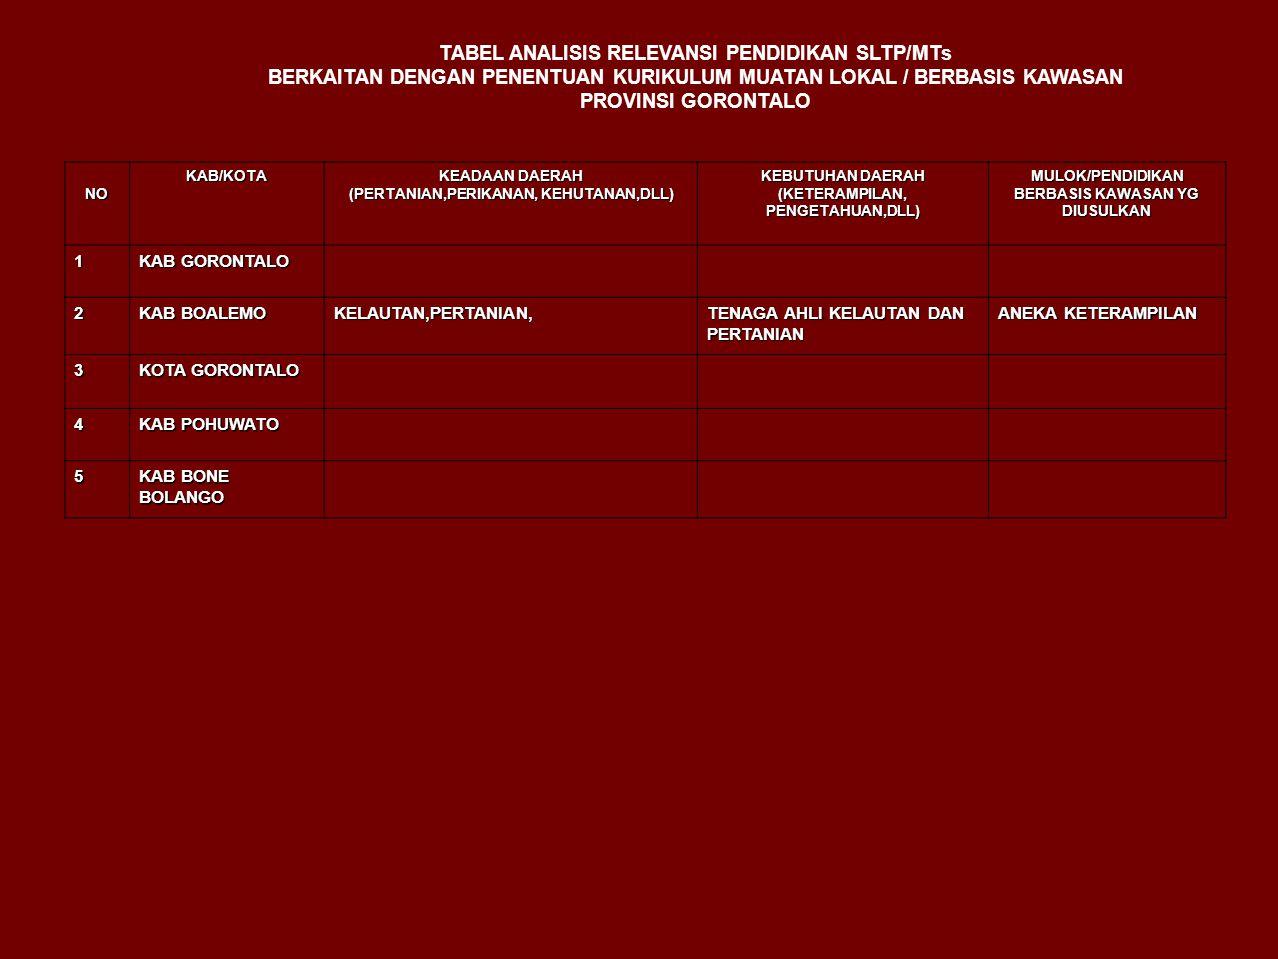 TABEL ANALISIS RELEVANSI PENDIDIKAN SLTP/MTs